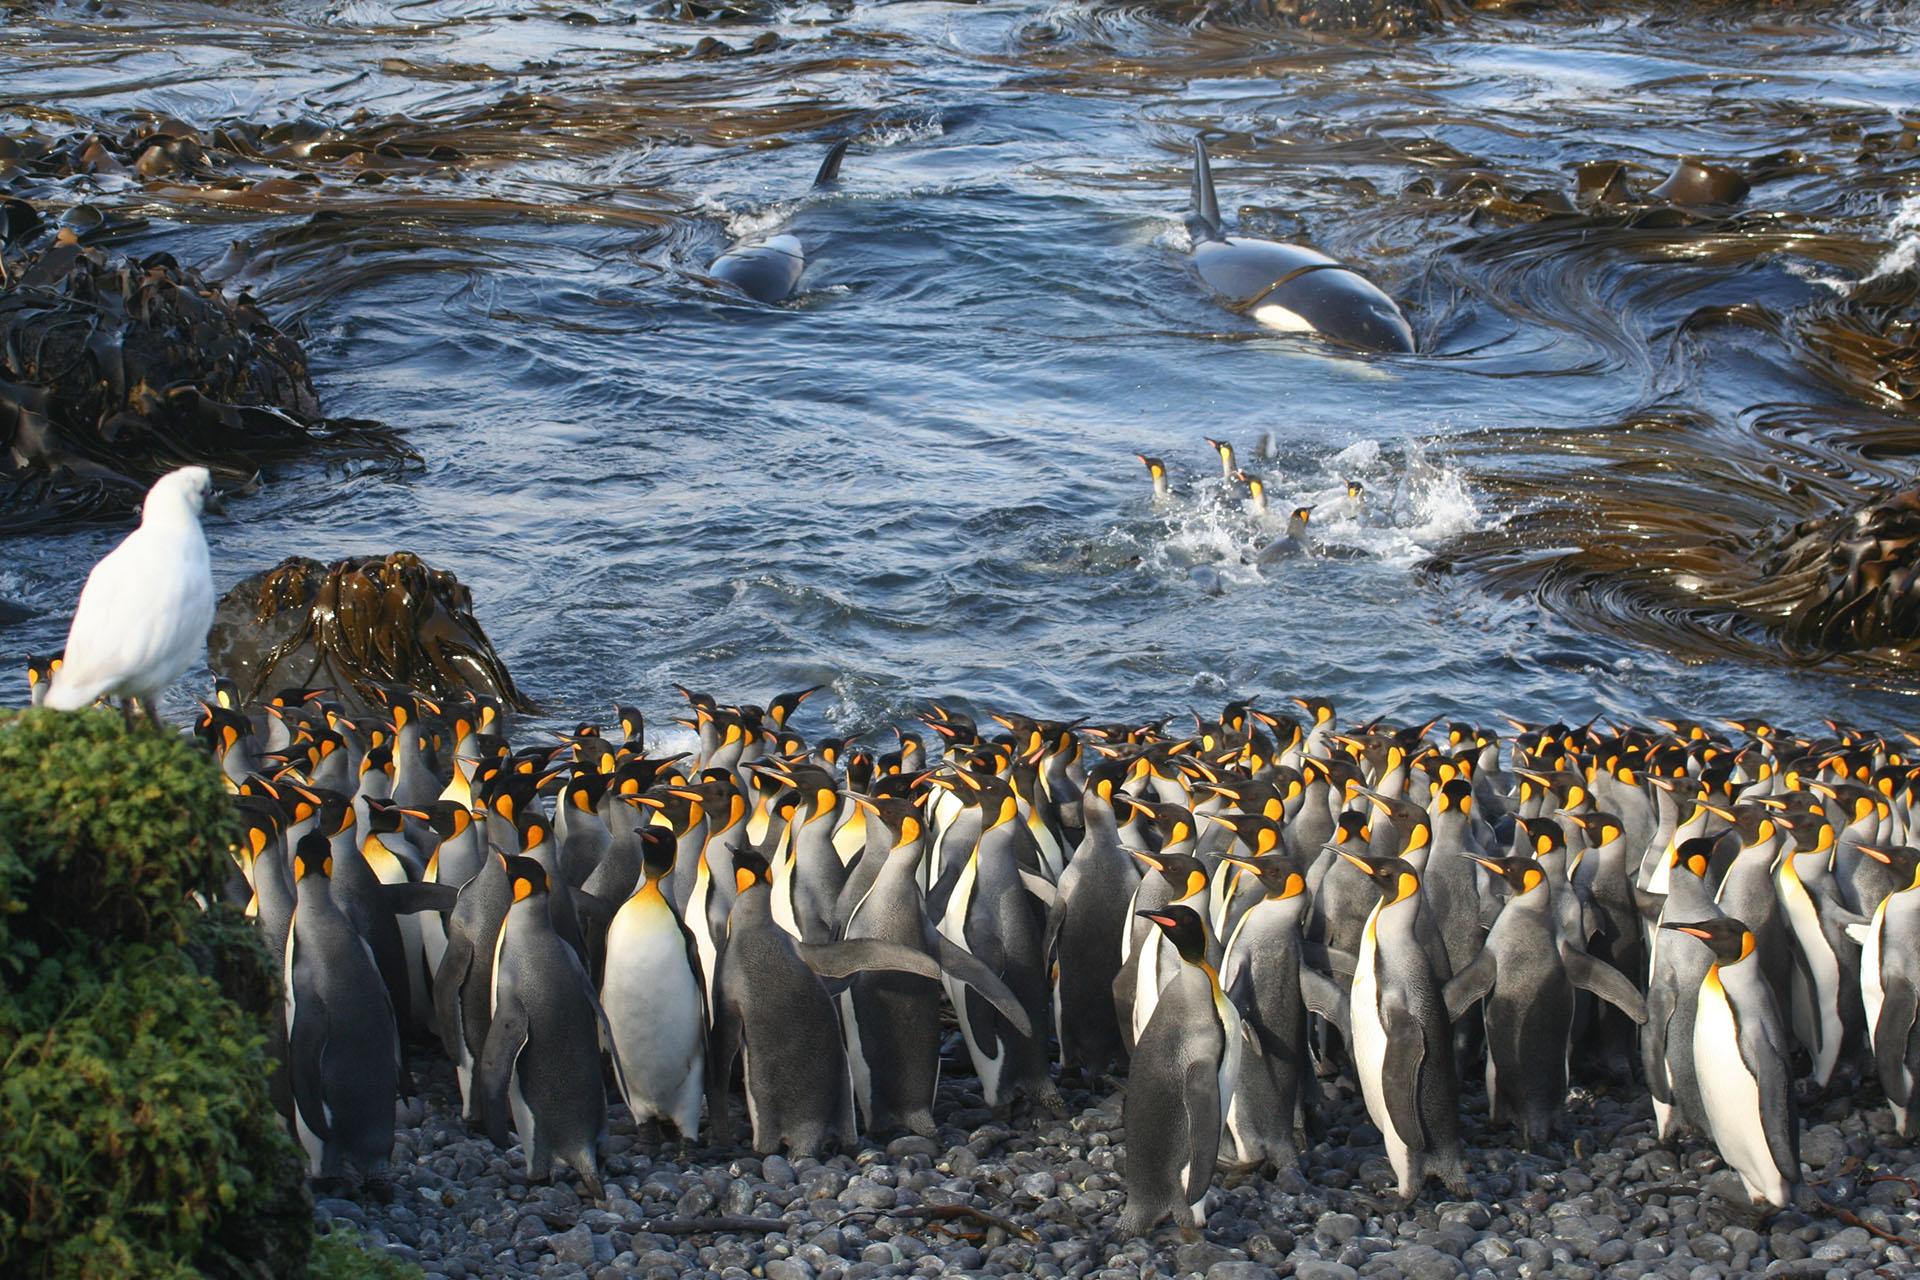 """Ganador de la categoría Ecología y ciencia ambiental. """"Esperando en los bajíos"""", por Nico de Bruyn. Las ballenas asesinas entran repentinamente en una pequeña bahía en la isla Subantártica de Marion, lo que sorprende a un pequeño grupo de pingüinos rey atareados en el agua. Los pingüinos en la playa en primer plano se centran en este peligro repentino, mientras que otra ave inspecciona la colonia en busca de comestibles, totalmente despreocupada con la aparición de las orcas. Esta foto fue tomada con una vieja Canon EOS350D, a una distancia focal de 55 mm (lente estándar Canon), tiempo de exposición 1/200 con f-stop f / 7.1 a una velocidad ISO de 200"""